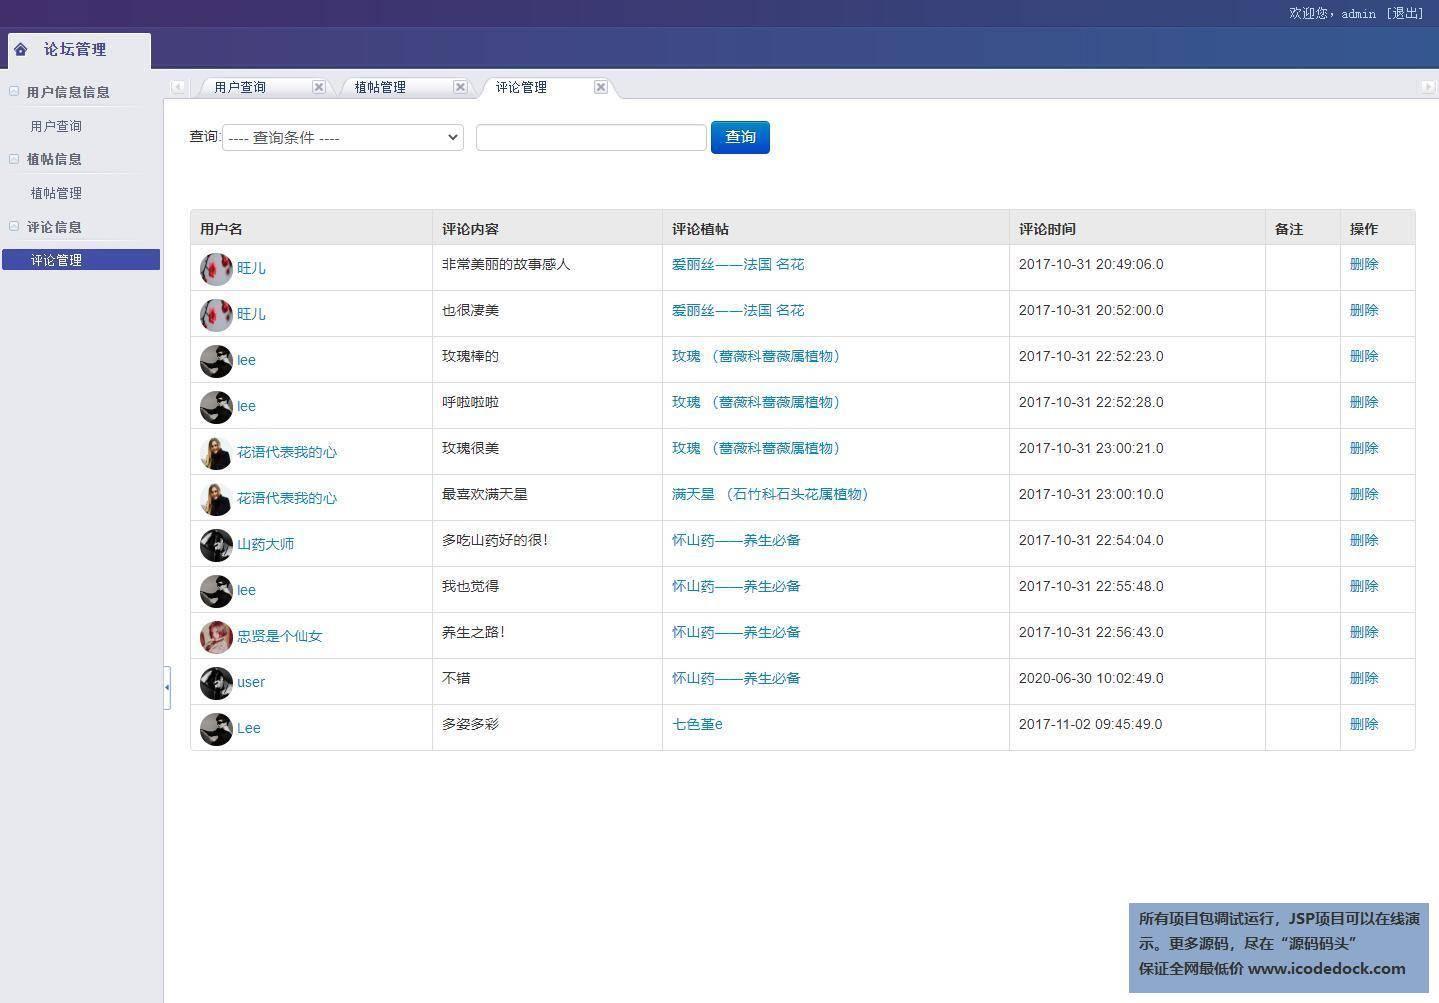 源码码头-JSP植物知识分享论坛系统-管理员角色-评论管理